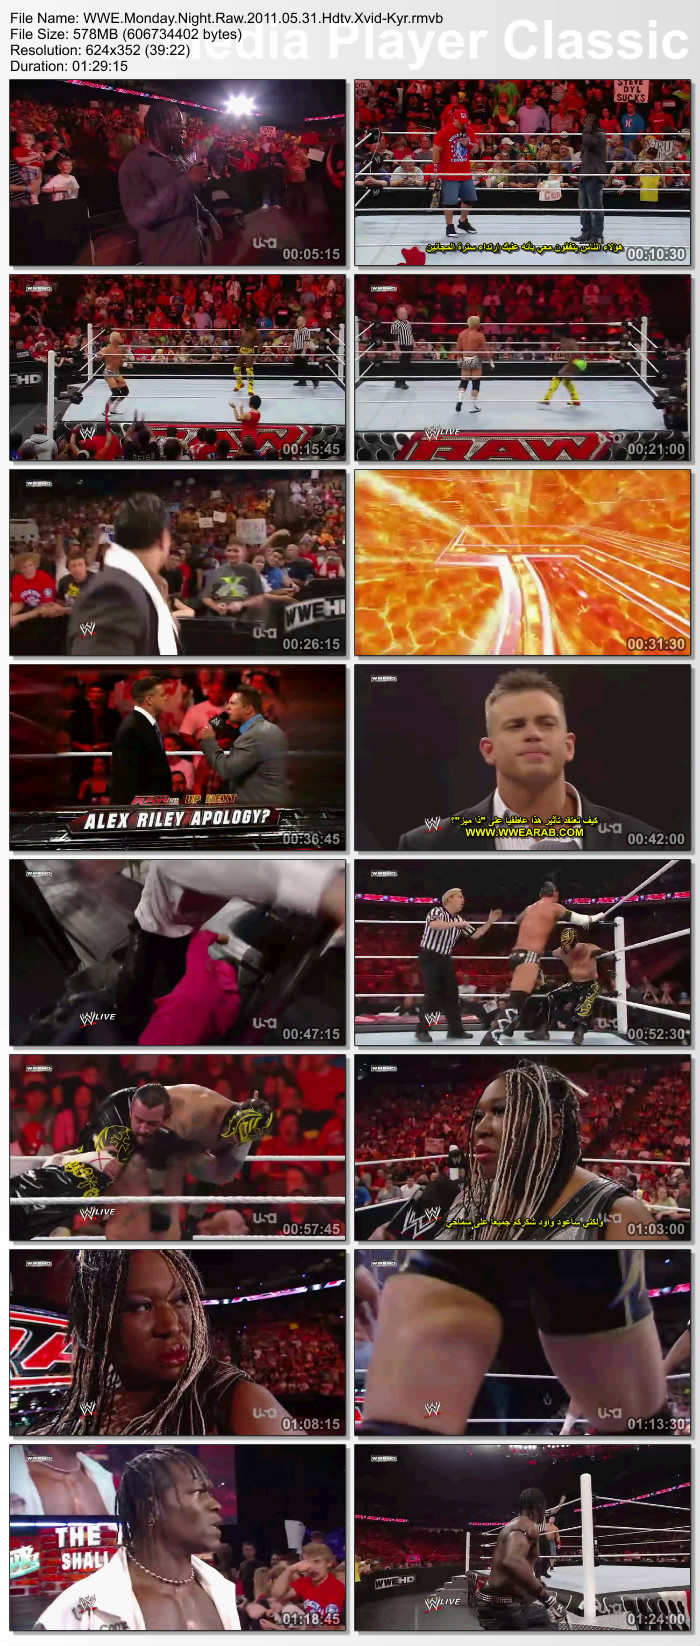 حصرياً و لاول مرة في صحبة نت تحميل عرض WWE Raw بتاريخ 30/5/2011 مترجم علي اكثر من سيرفر     395270thumbs20110531202019